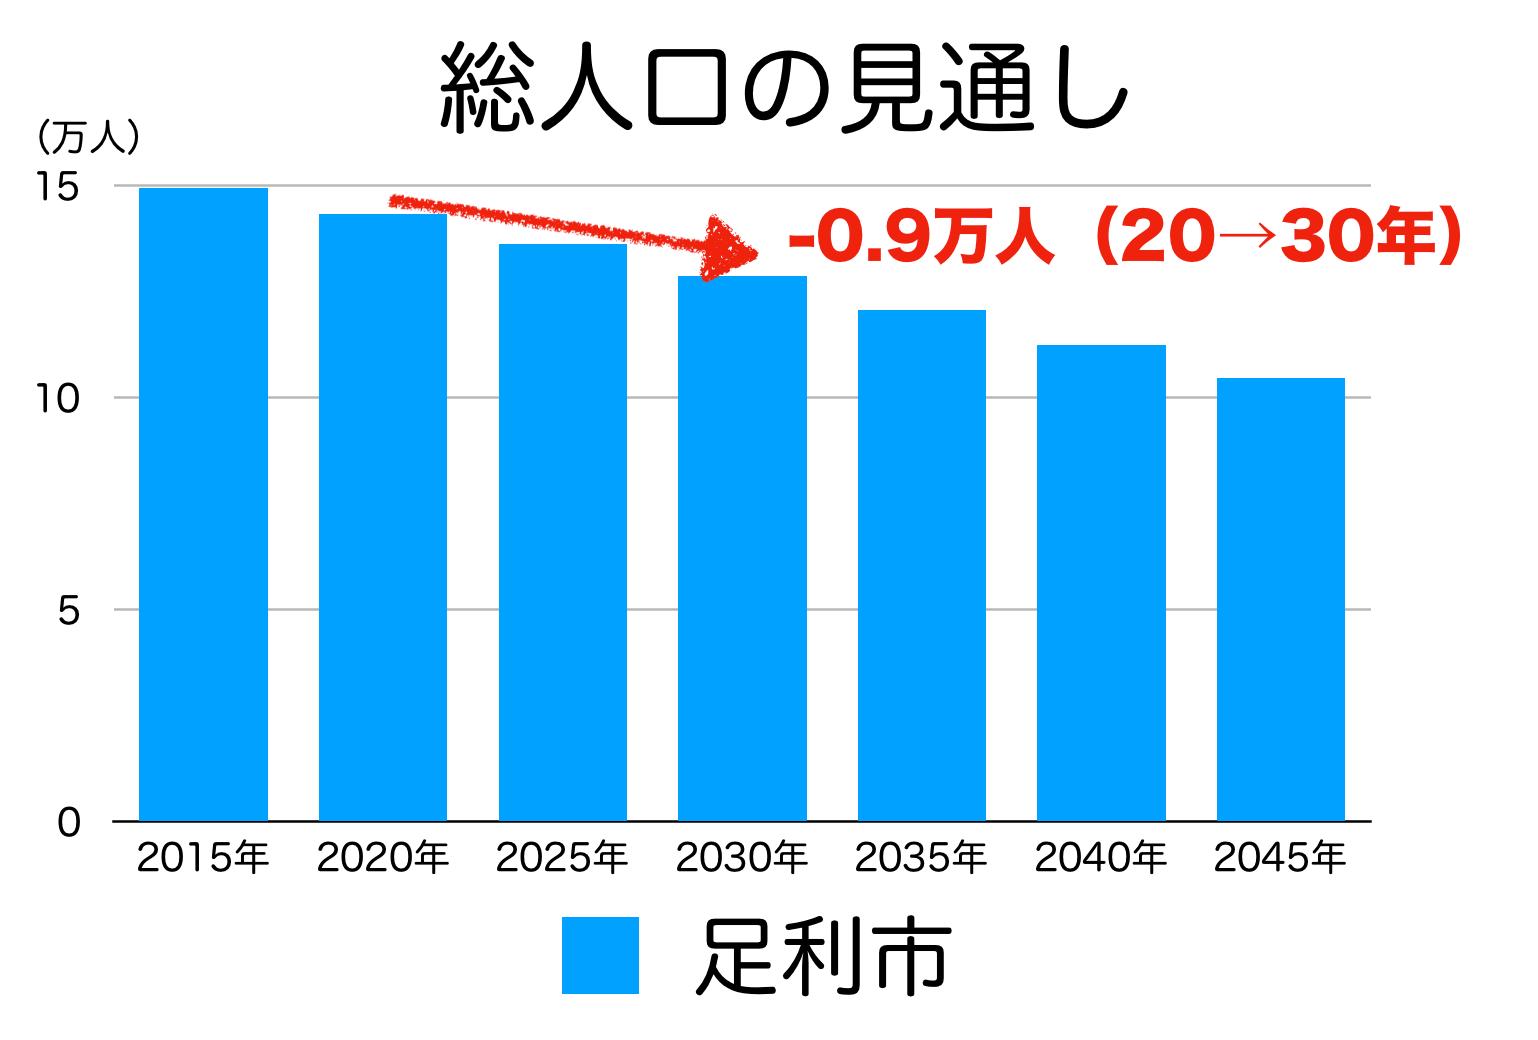 足利市の人口予測